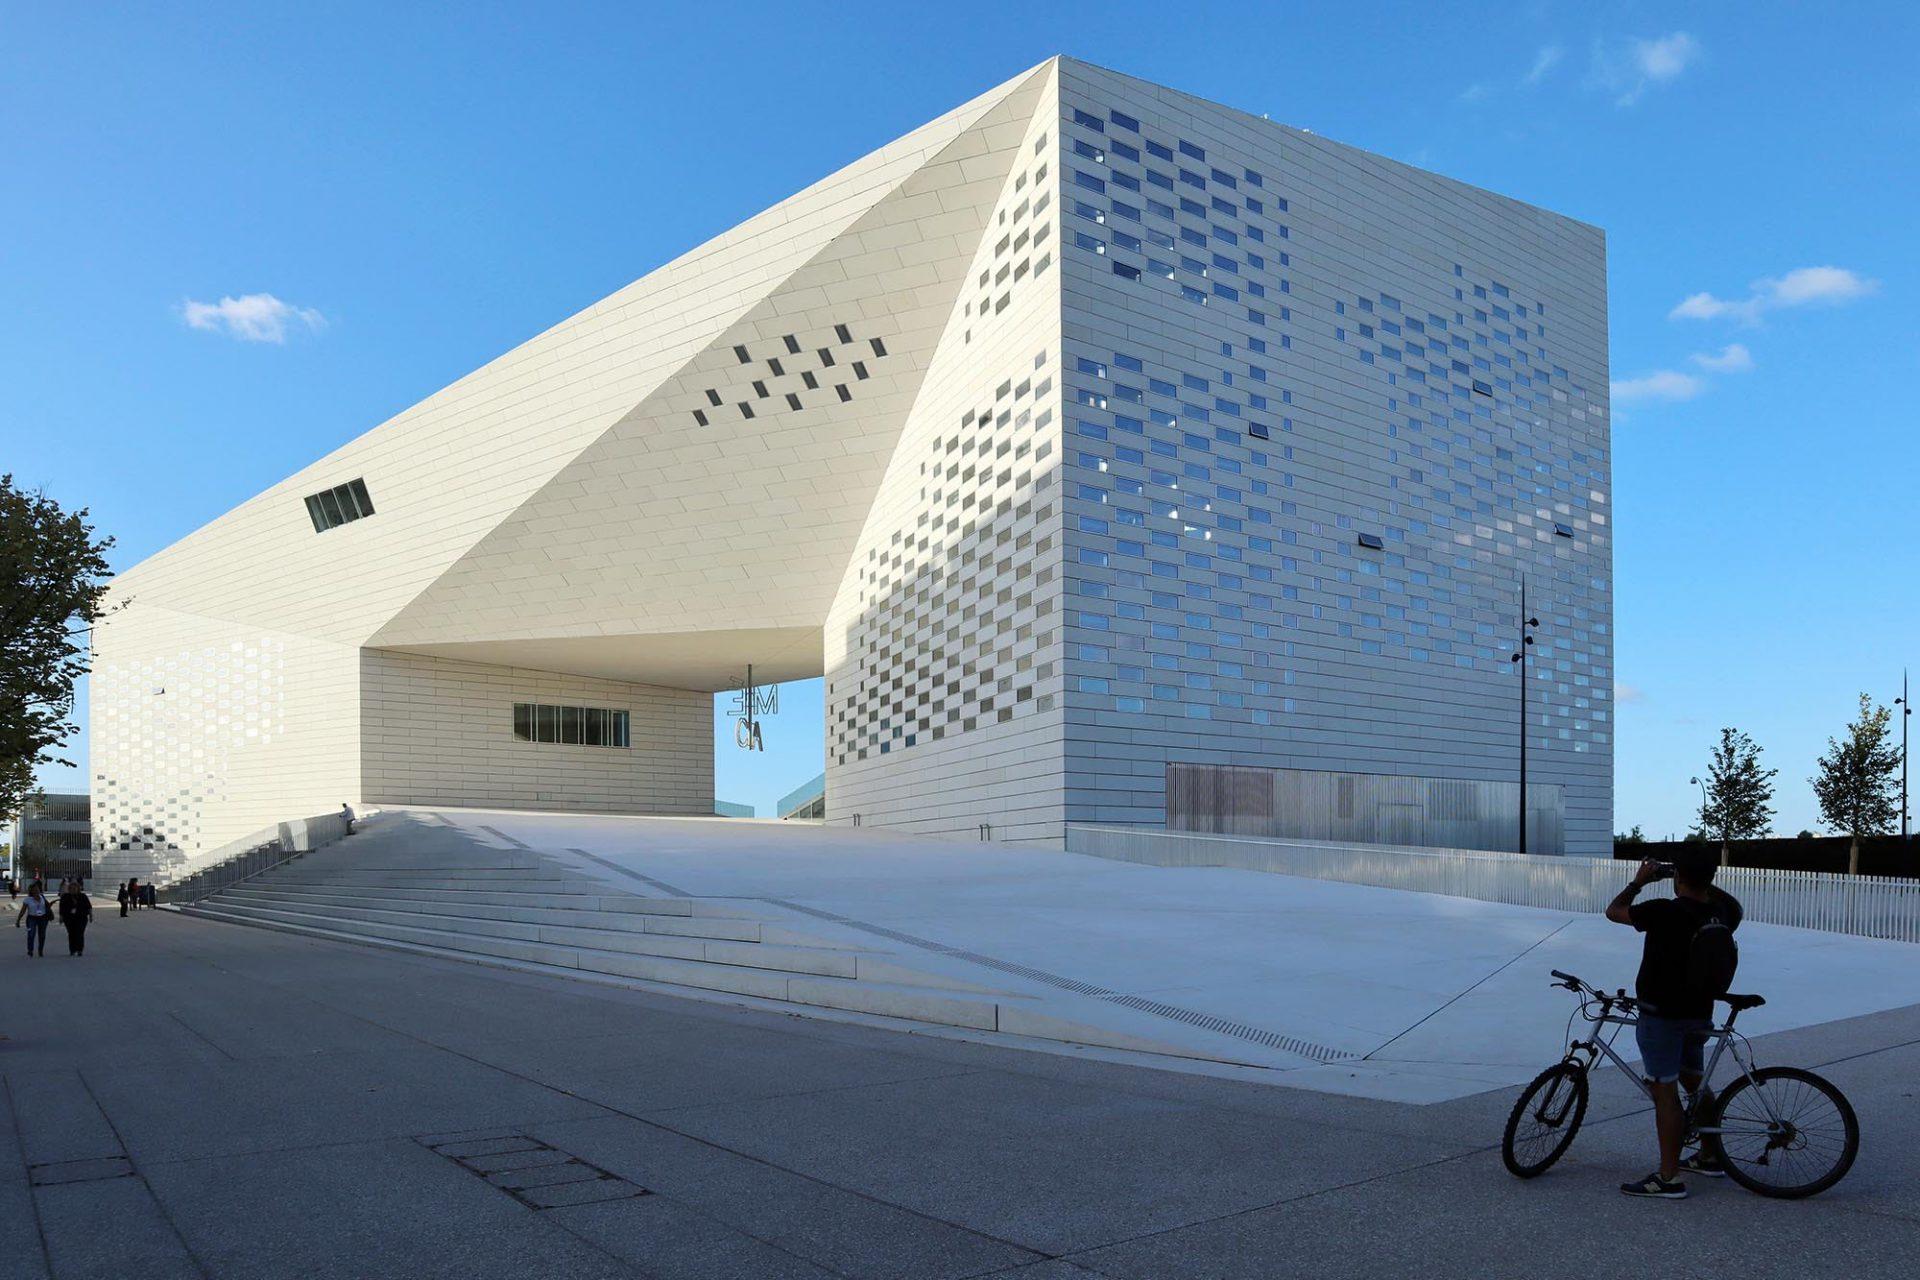 """La Méca (""""Maison de l'Économie Créative et de la Culture""""). Entwurf: BIG, 2019. Der monolithisch wirkende Baukörper mit seinen eingestreuten Fensteröffnungen ist mit vorfabrizierten Betonelementen verkleidet."""